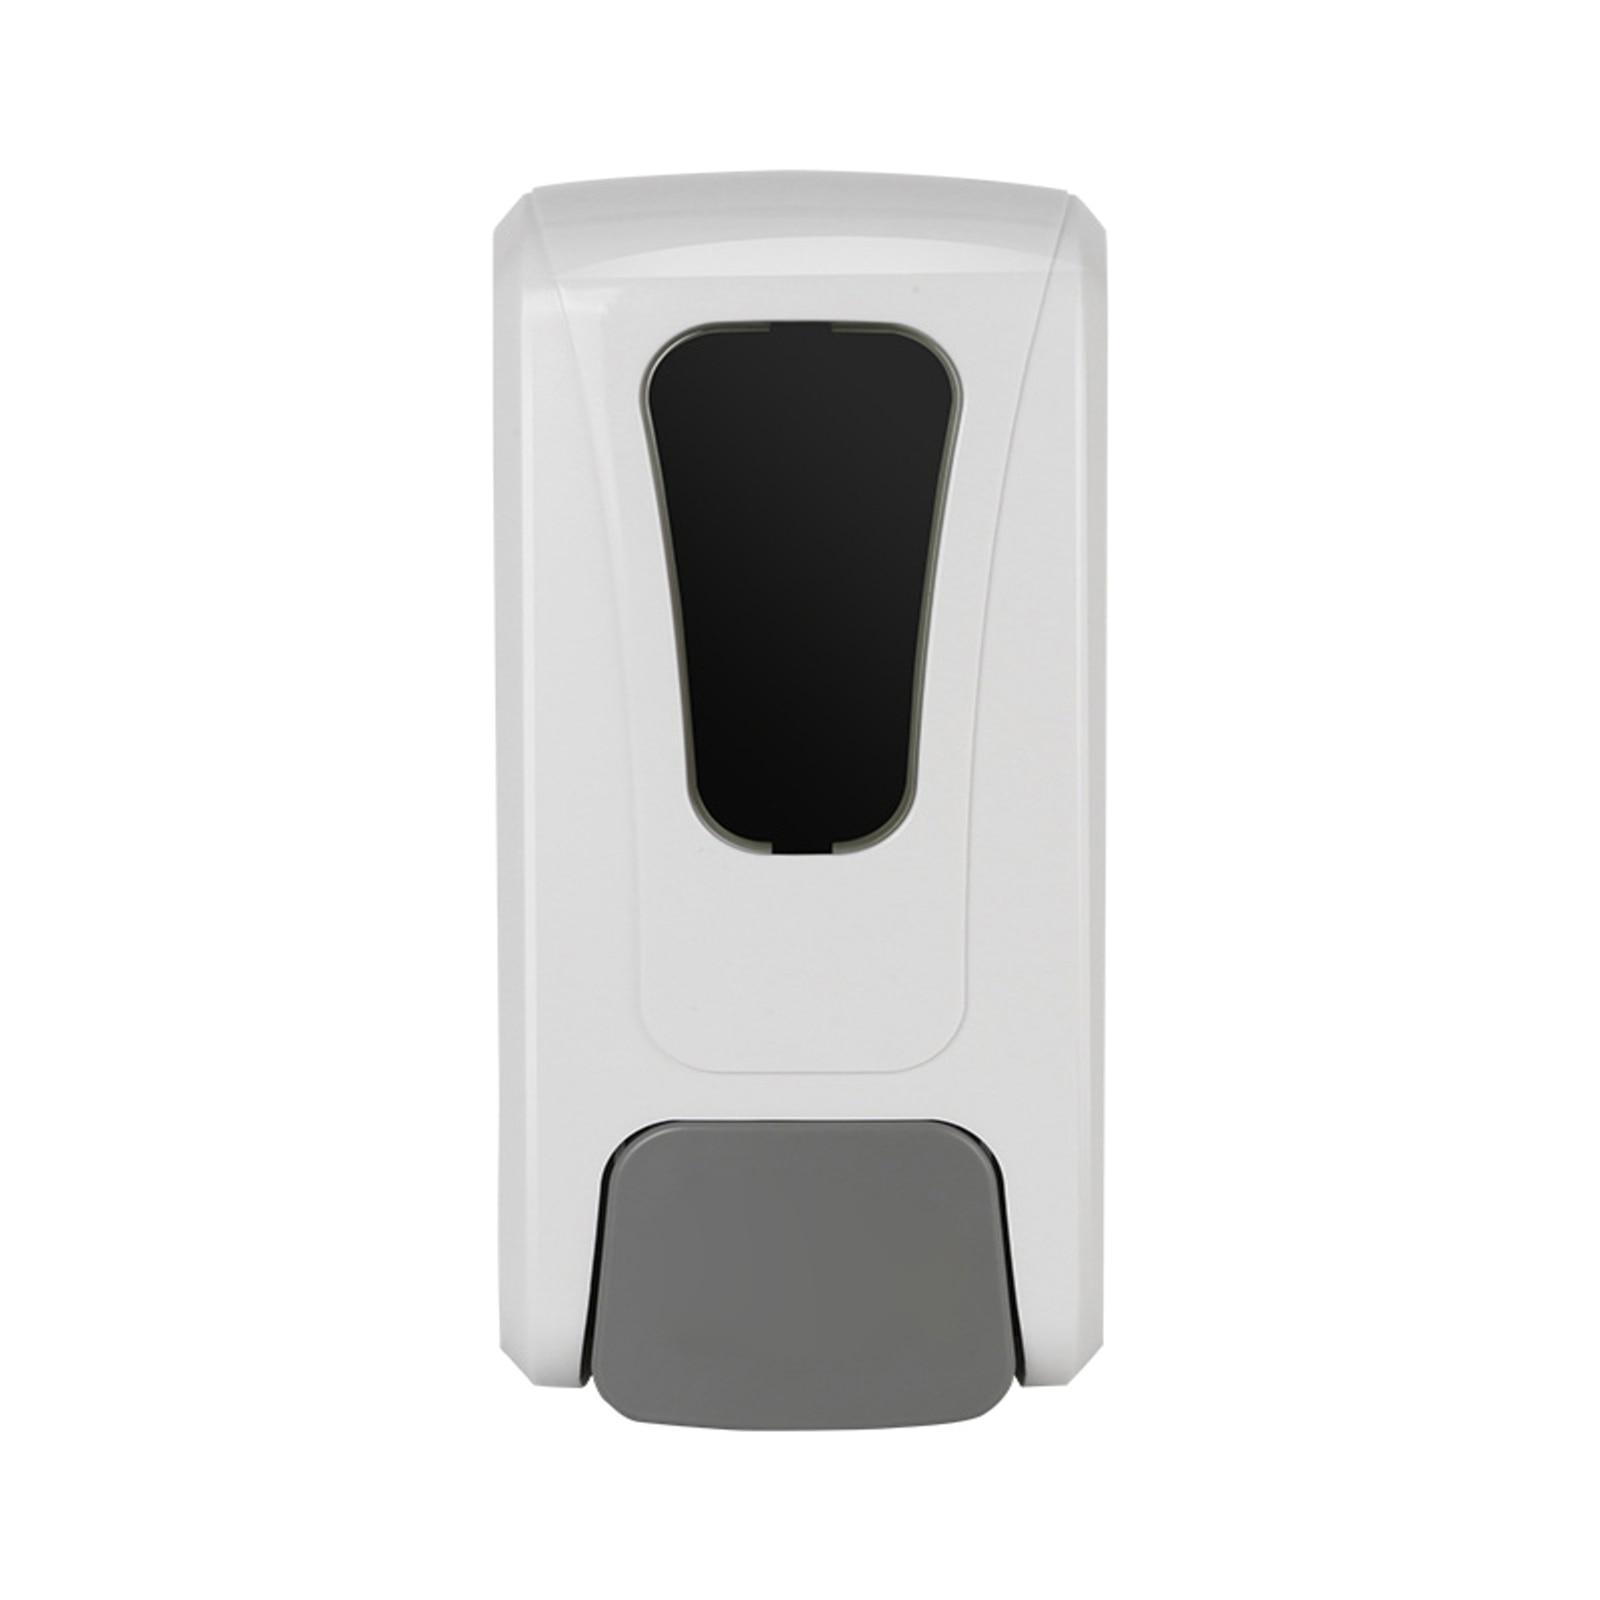 موزع الصابون هلامي 1200 مللي دفع يدوي من نوع مع نافذة مرئية نازف مضخة صابون سائل لغرفة الاستحمام المطبخ فندق مقهى